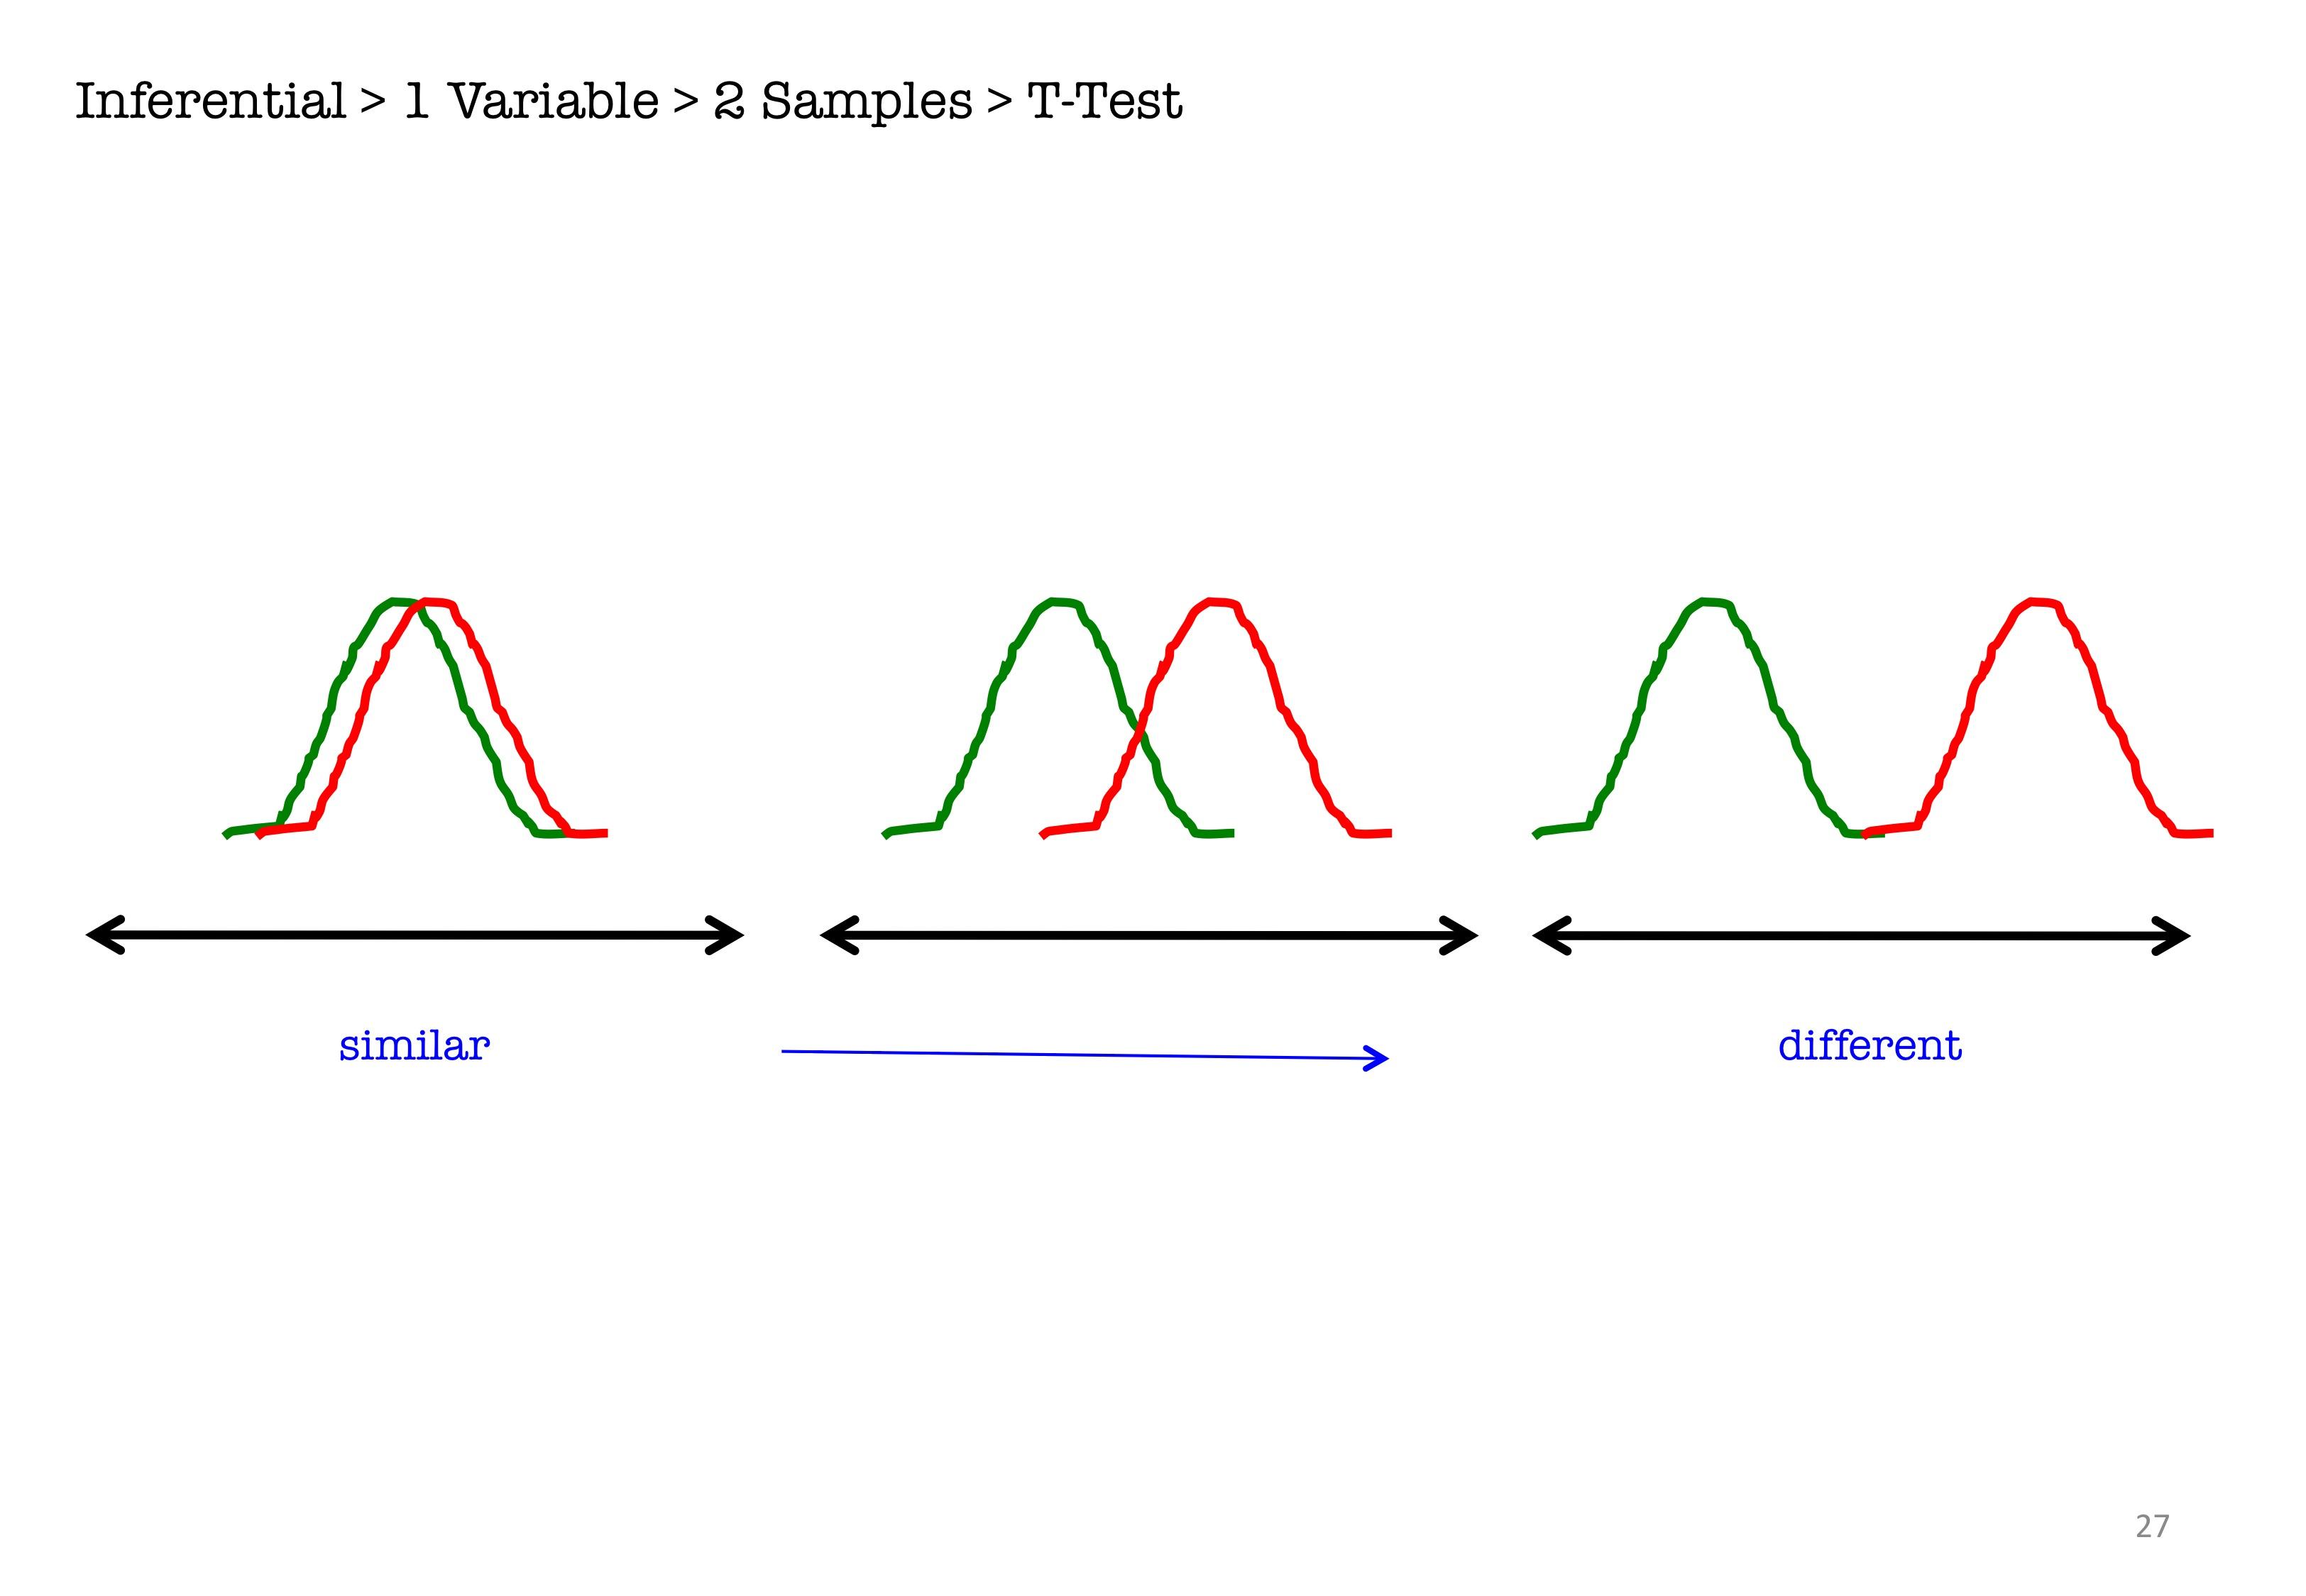 IB Biology: Topic 1.1: Statistical Analysis